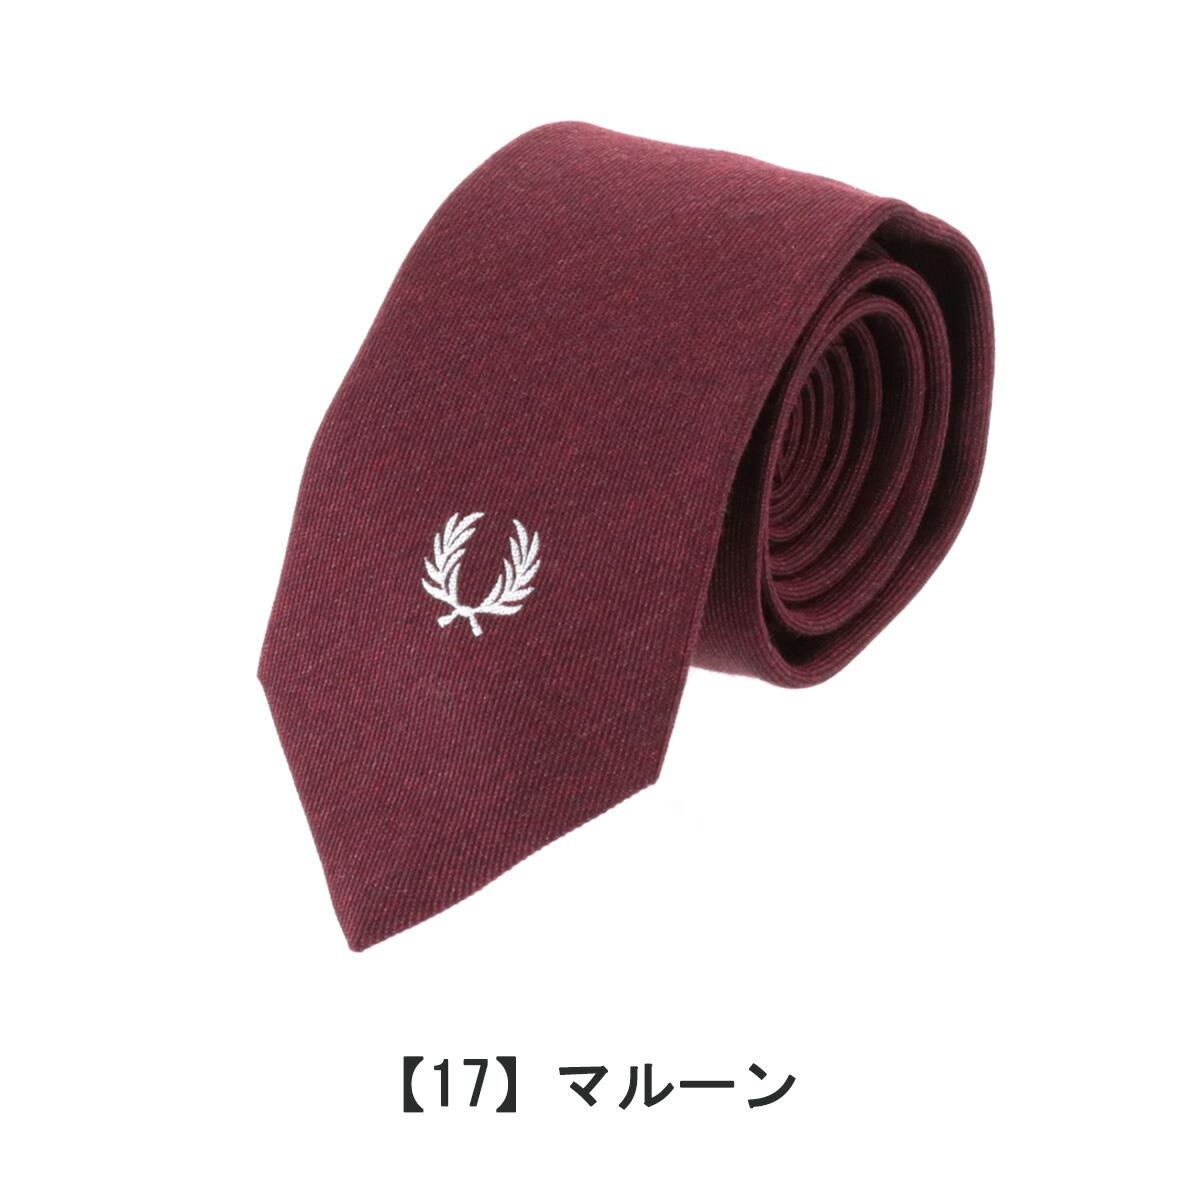 【17】マルーン